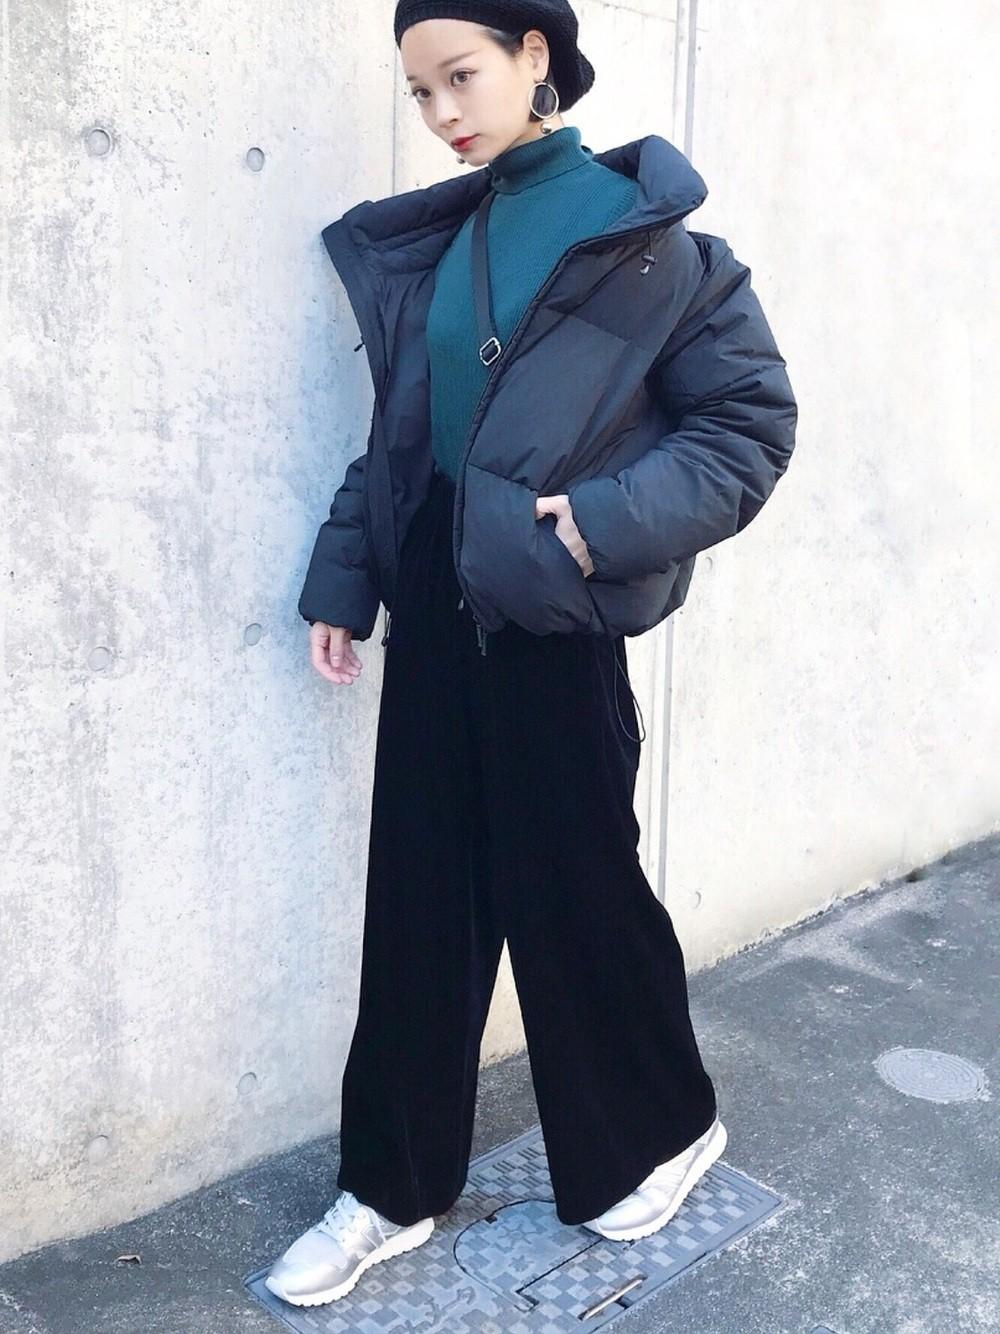 Người nhỏ mà muốn mặc đồ đen thì cứ học theo 4 cách mix này là đủ - Ảnh 1.